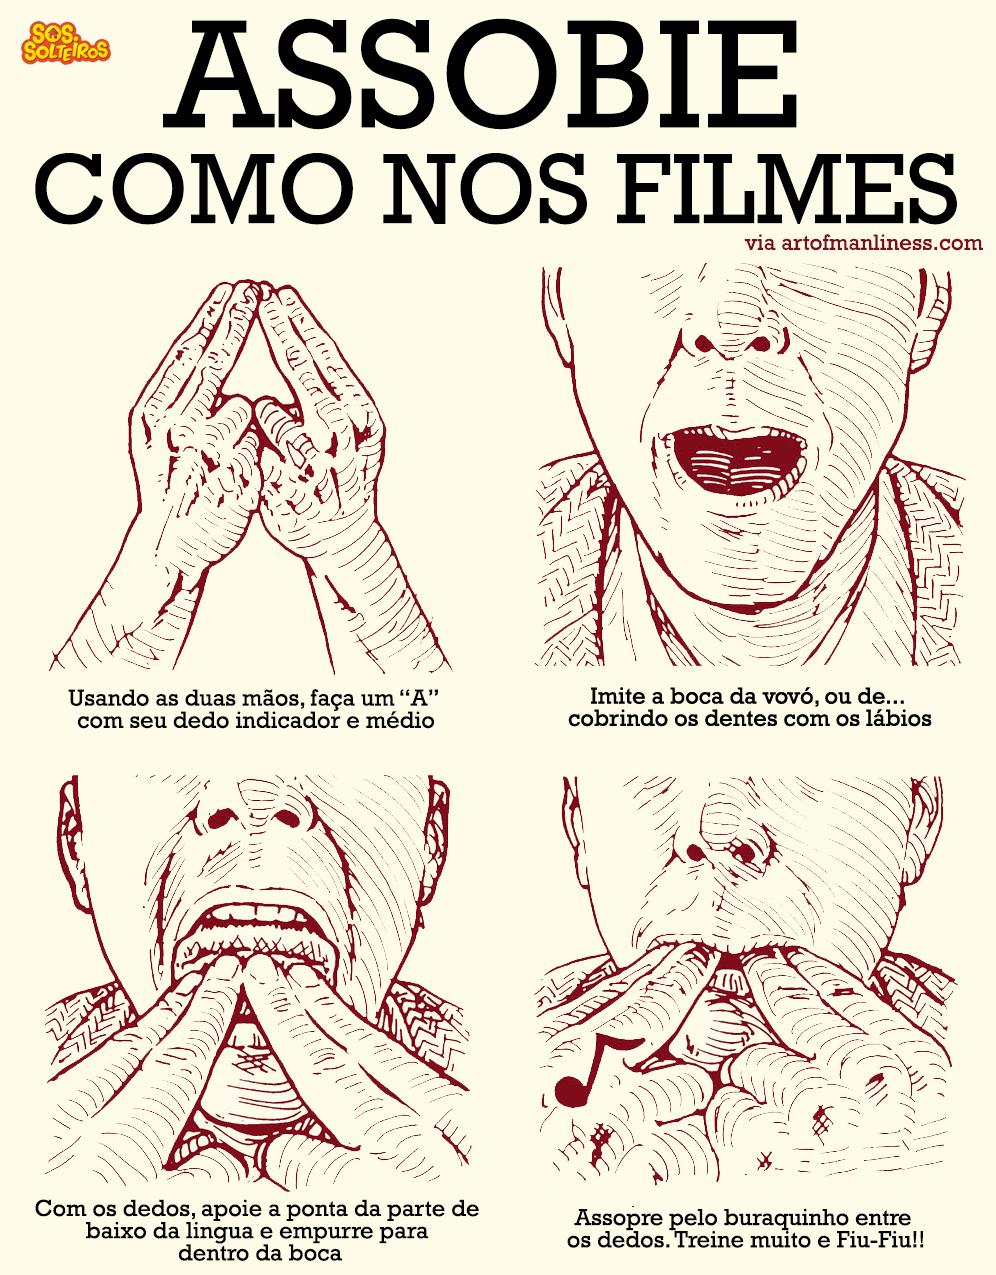 como assobiar alto com dedos filmes